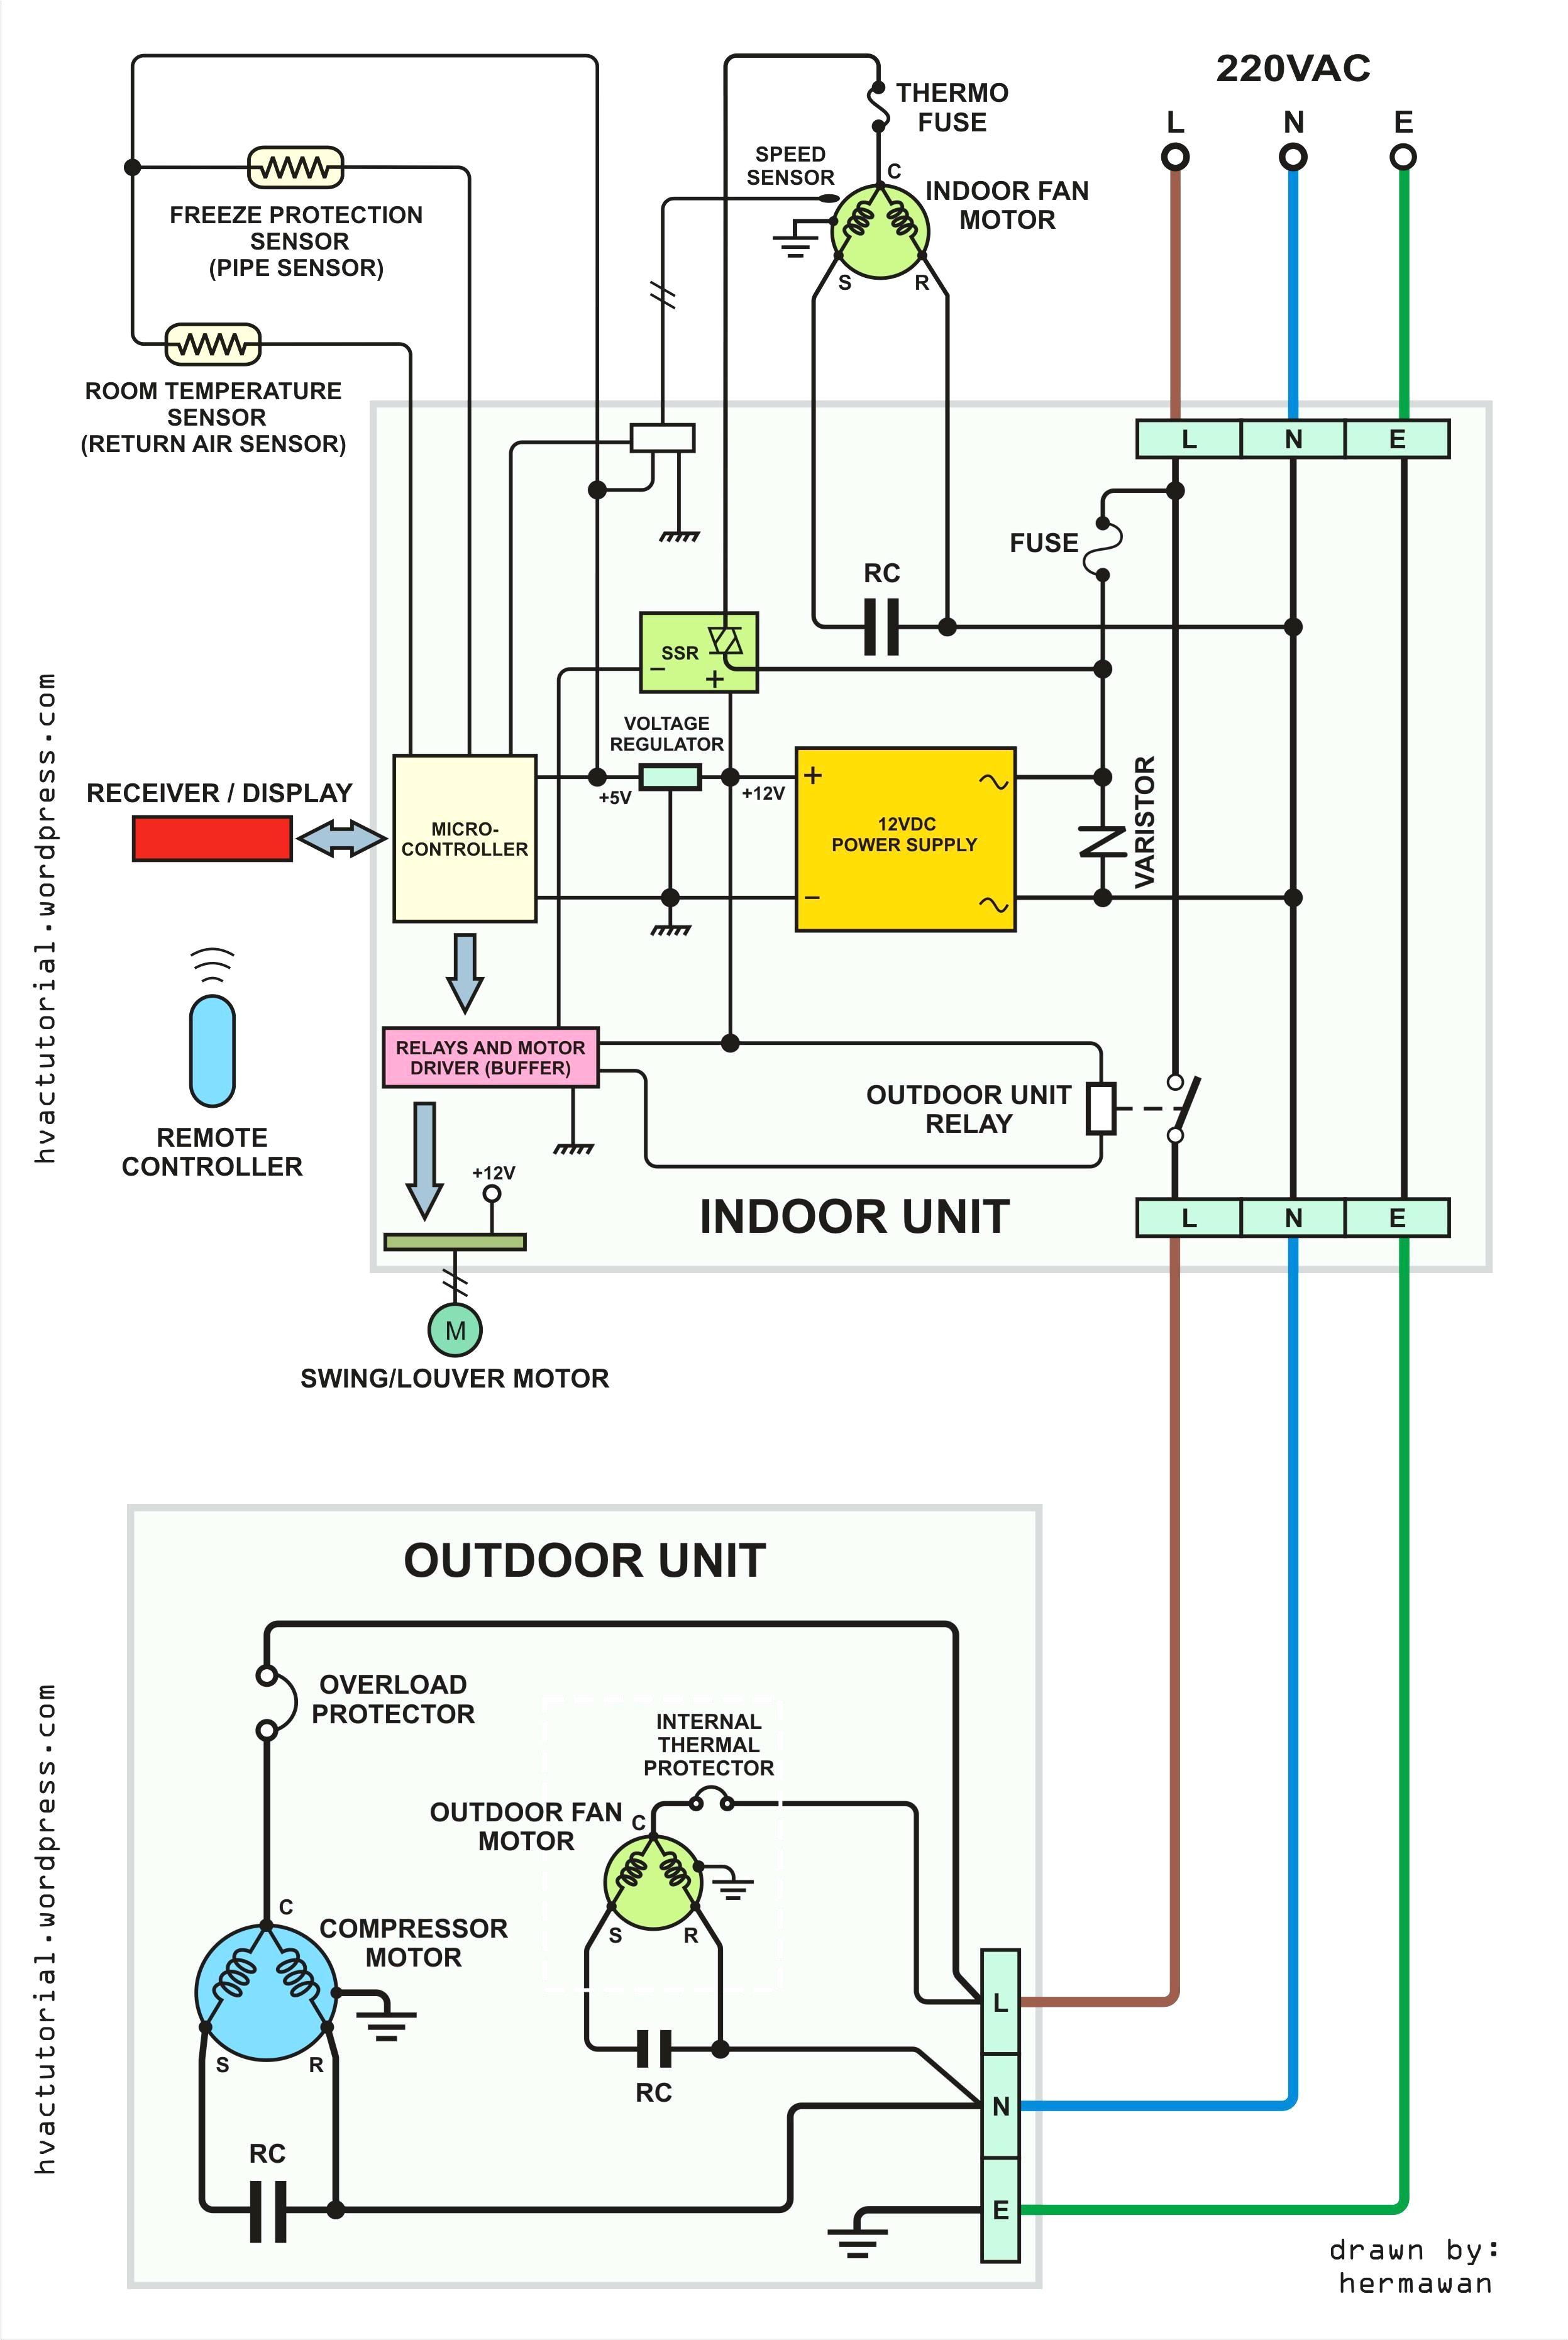 Jensen Wood Furnace Wiring Diagram Jensen Wood Furnace Wiring Diagram Best Of Clayton Furnace Wiring